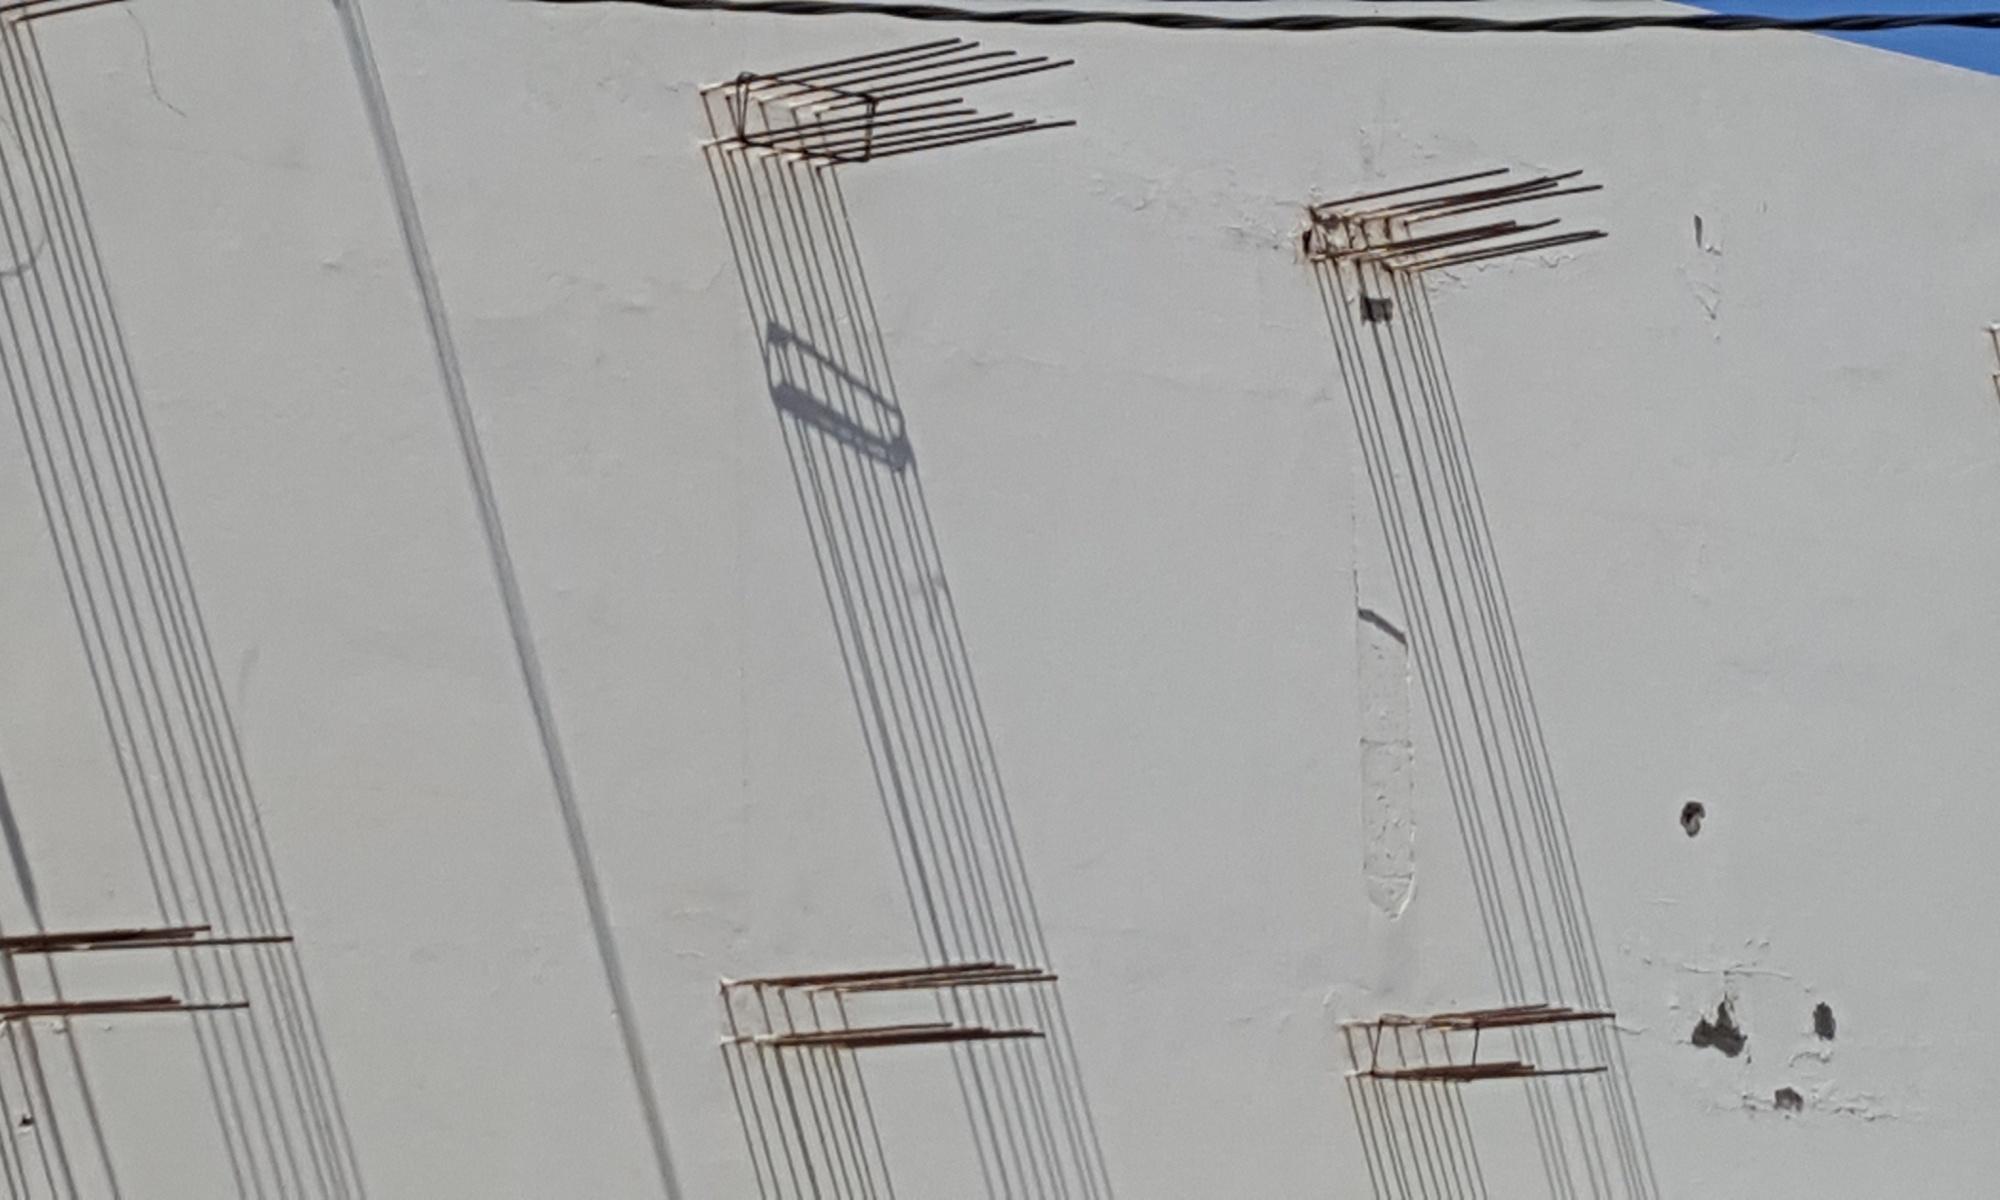 Barras de acero y sombra